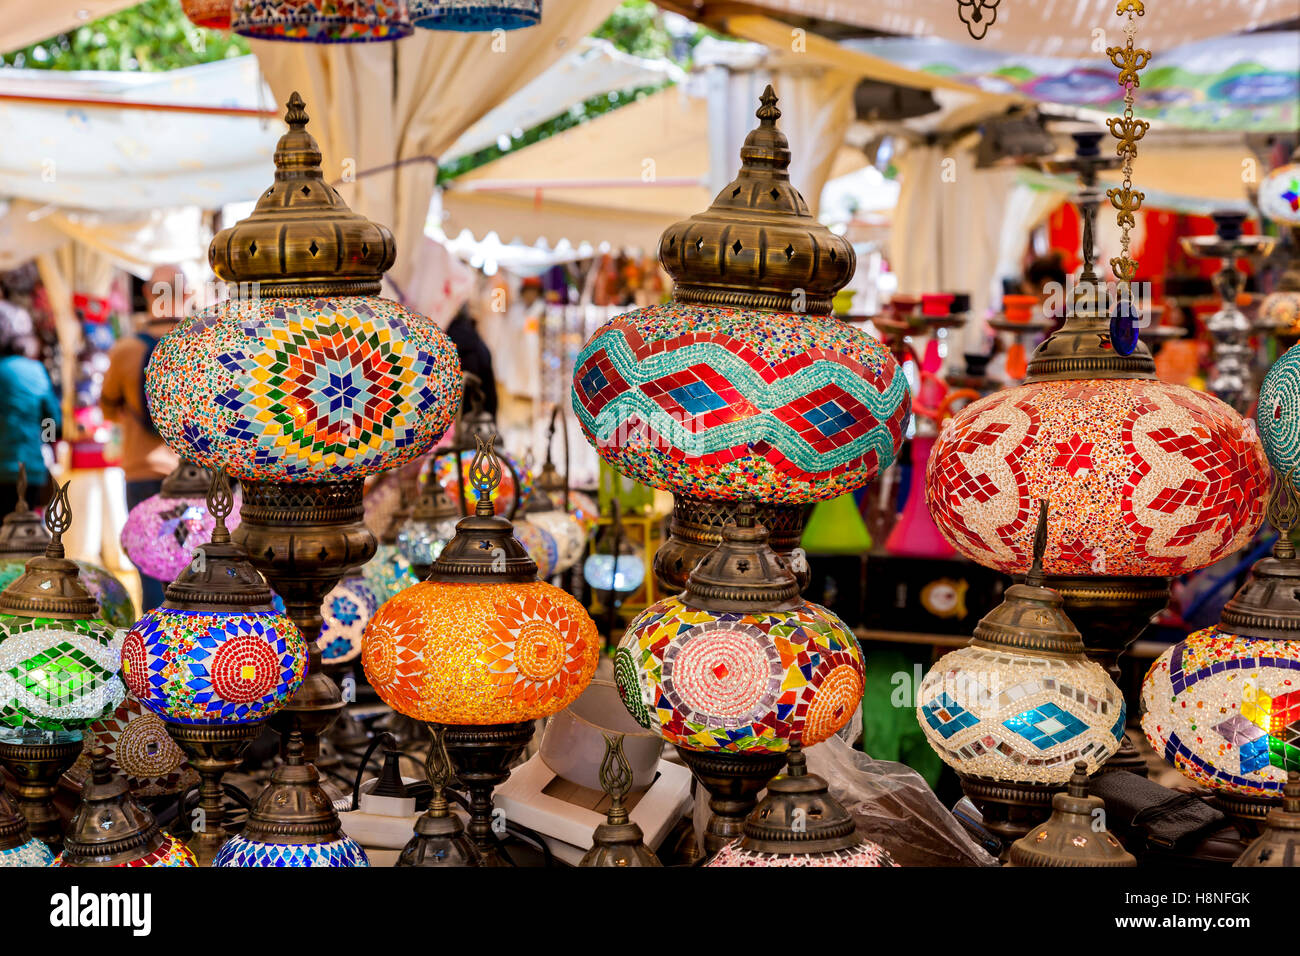 Visualizzazione Delle Lampade Orientali Su Un Mercato In Stallo